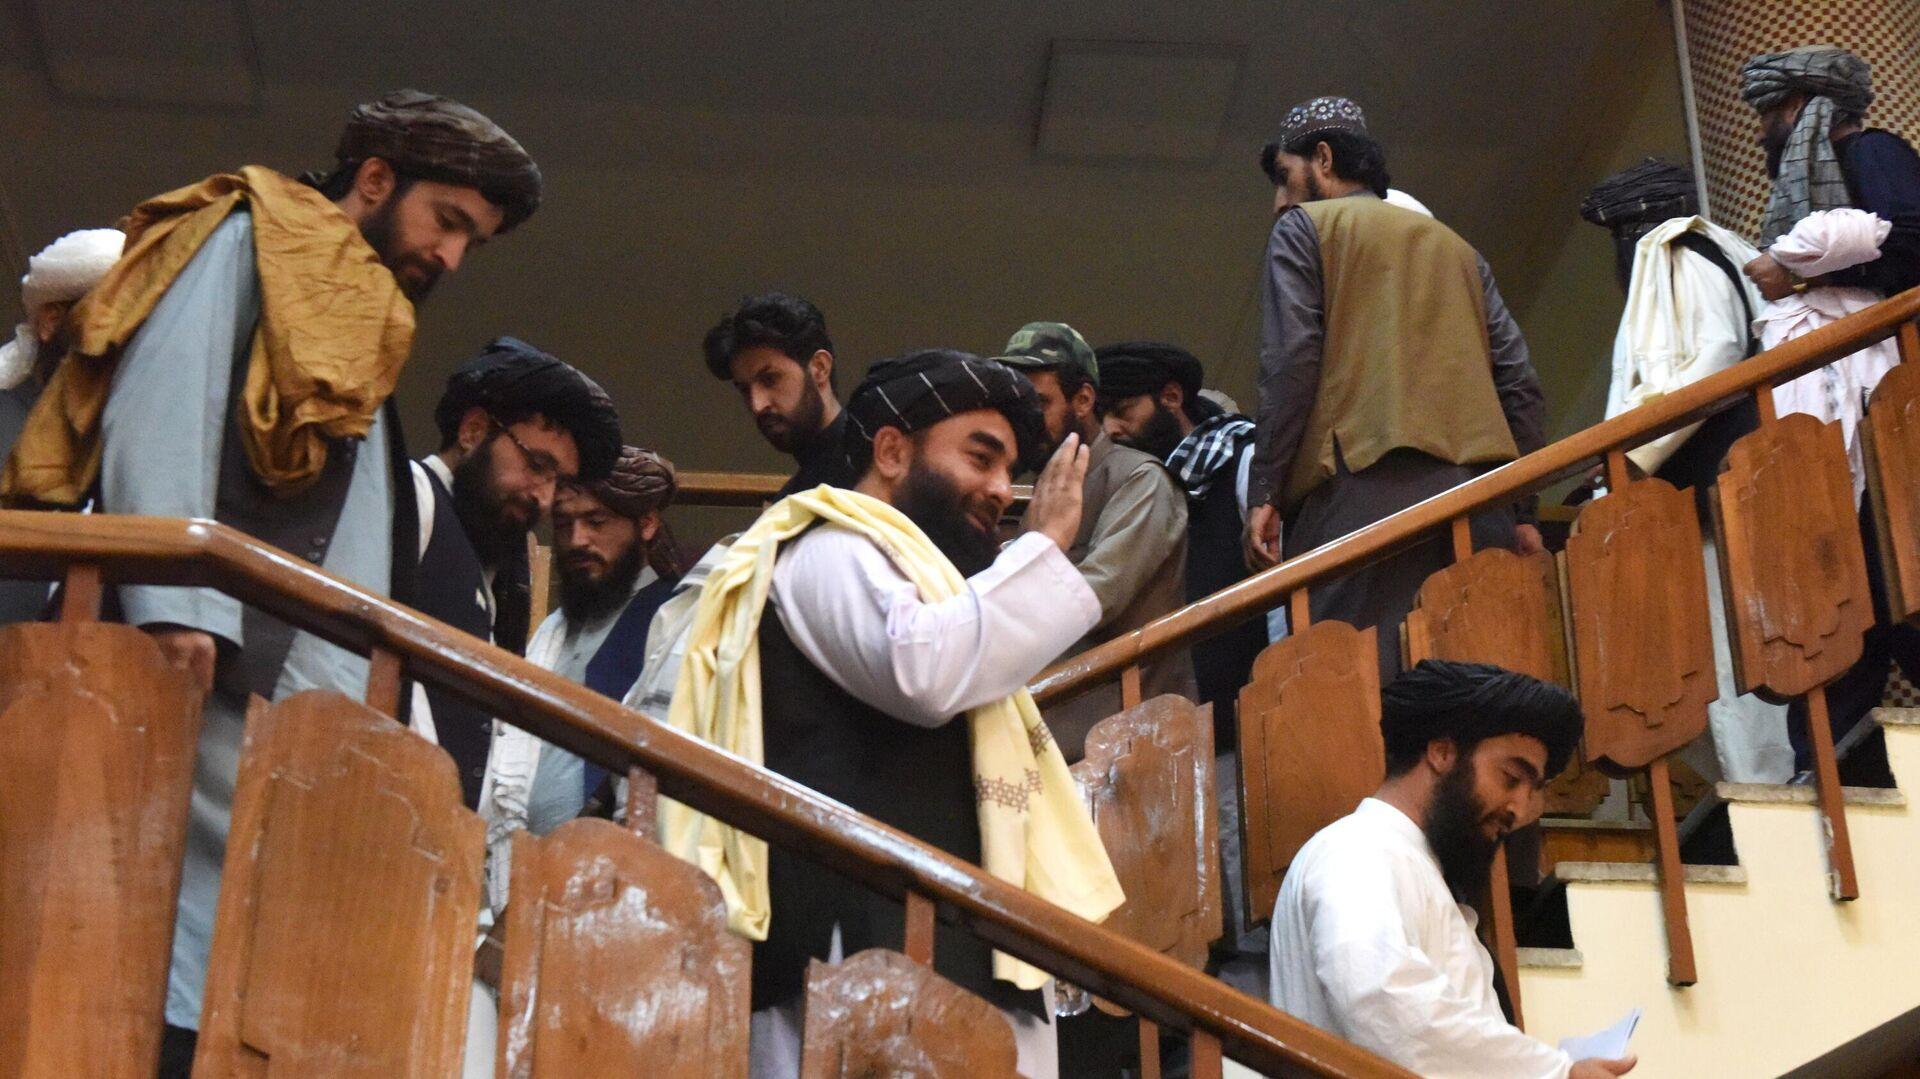 Delegación de los talibanes* (organización terrorista proscrita en Rusia) - Sputnik Mundo, 1920, 12.10.2021